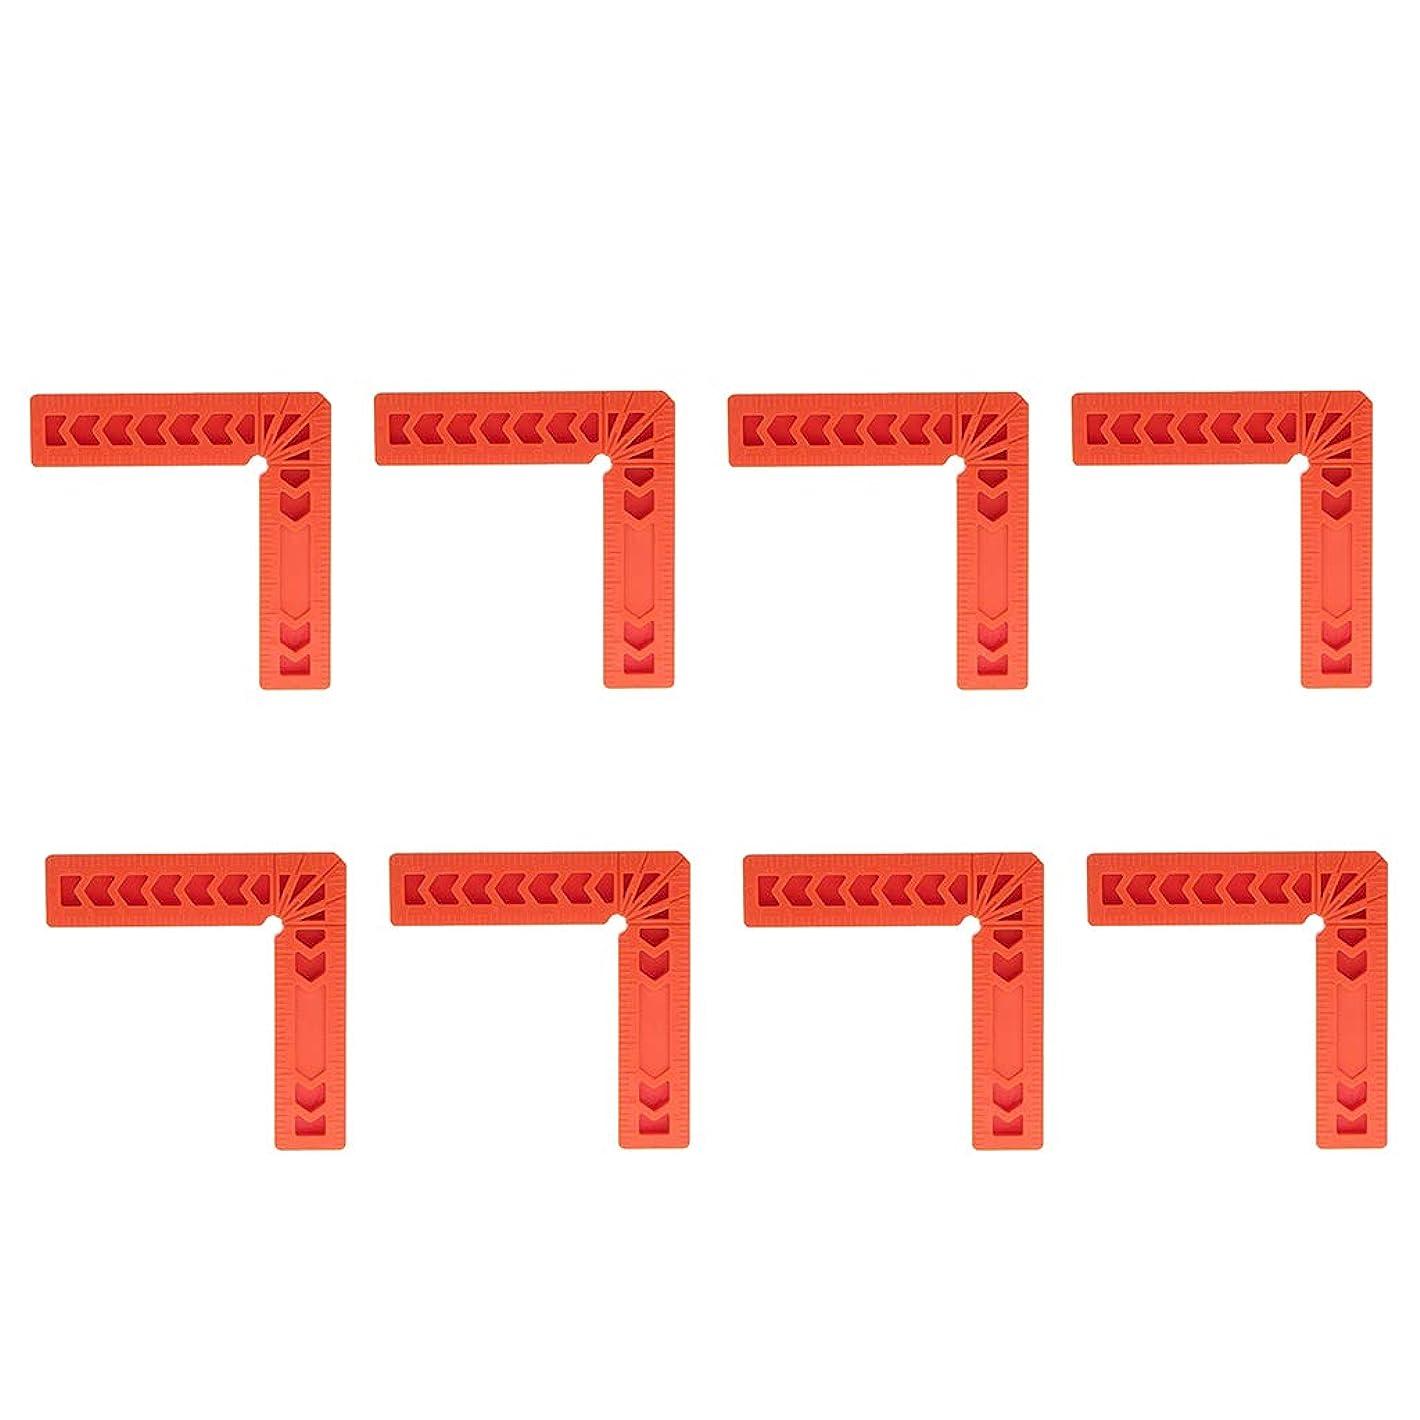 罰するヒョウさまようB Blesiya 8個の位置決め正方形のパック-額縁、ボックス、キャビネット、または引き出し用に90度の角度を固定